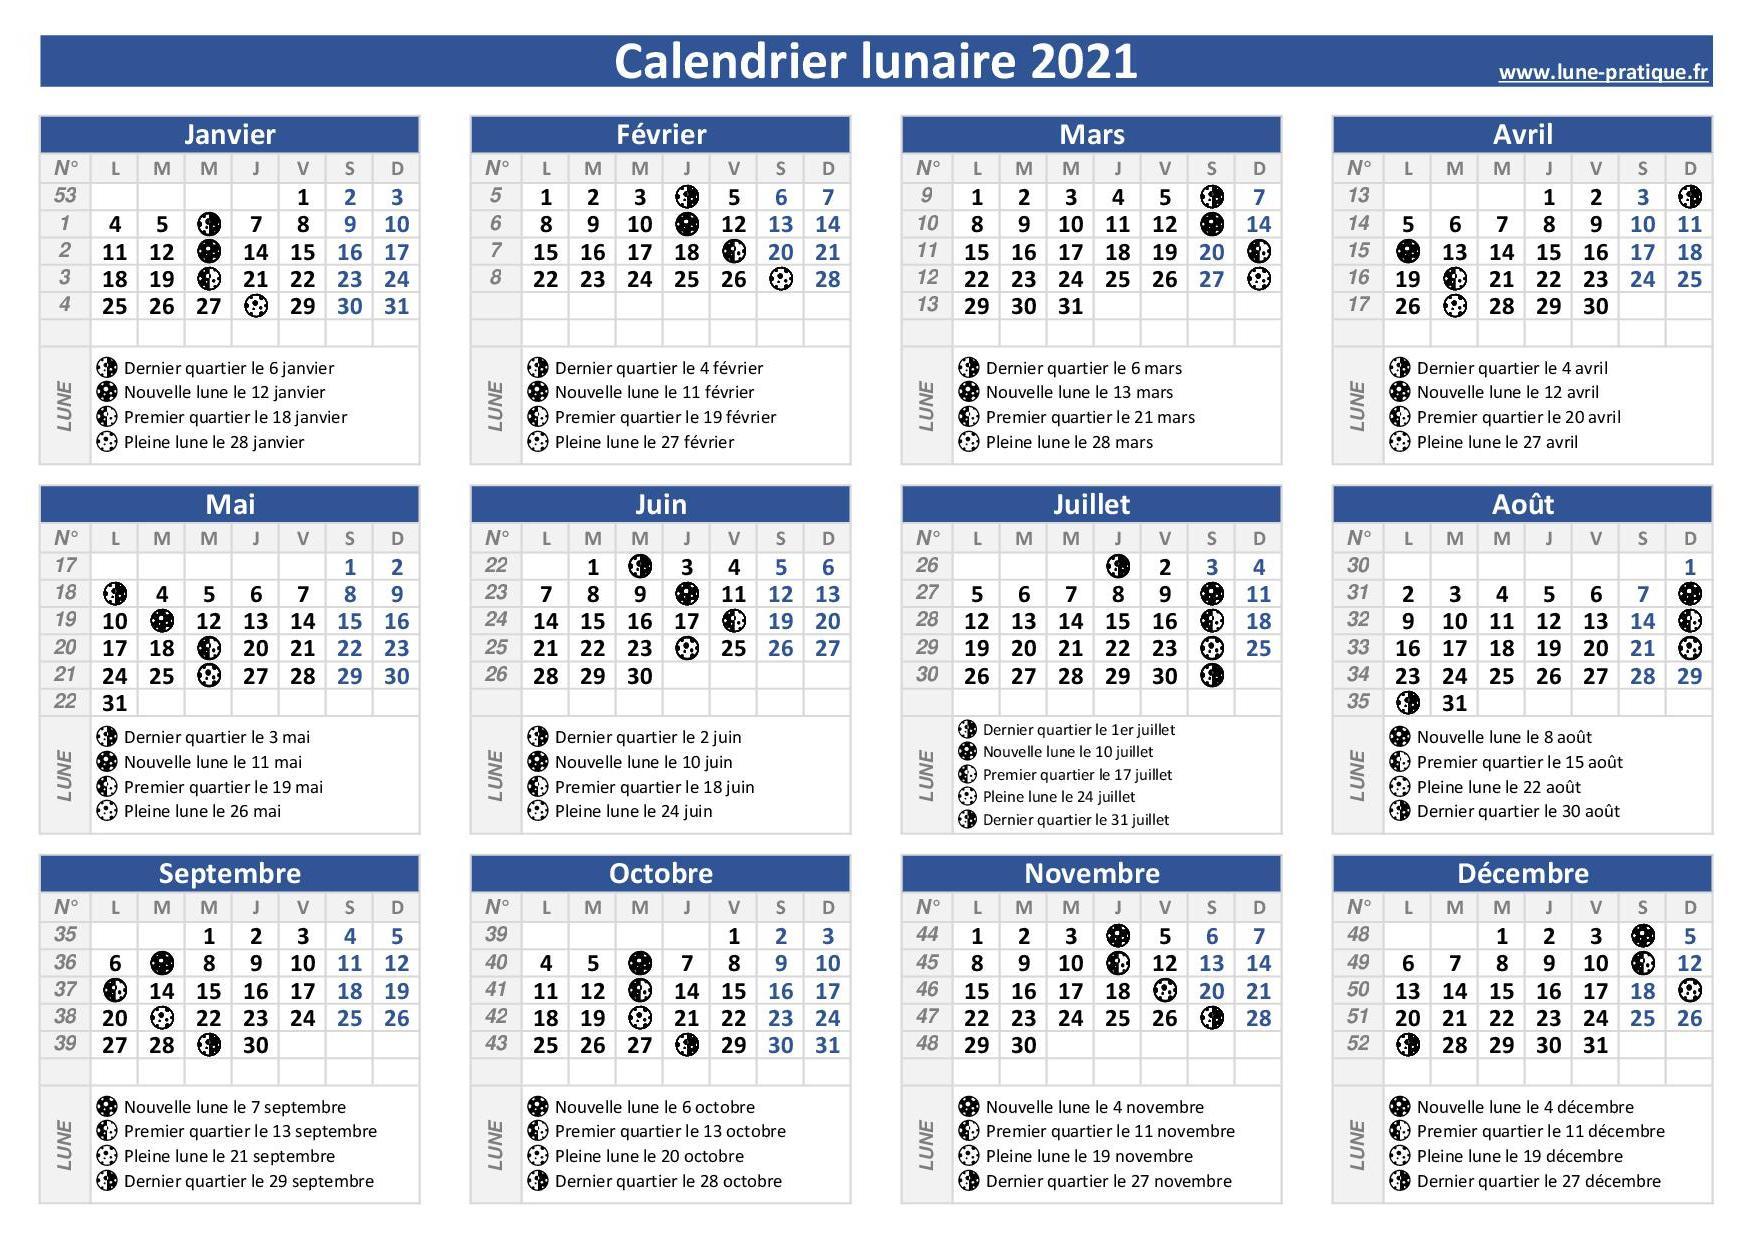 Calendrier Lunaire Jardin à Imprimer 2022 Gratuit Calendrier lunaire 2021 🌙 à consulter et imprimer en pdf